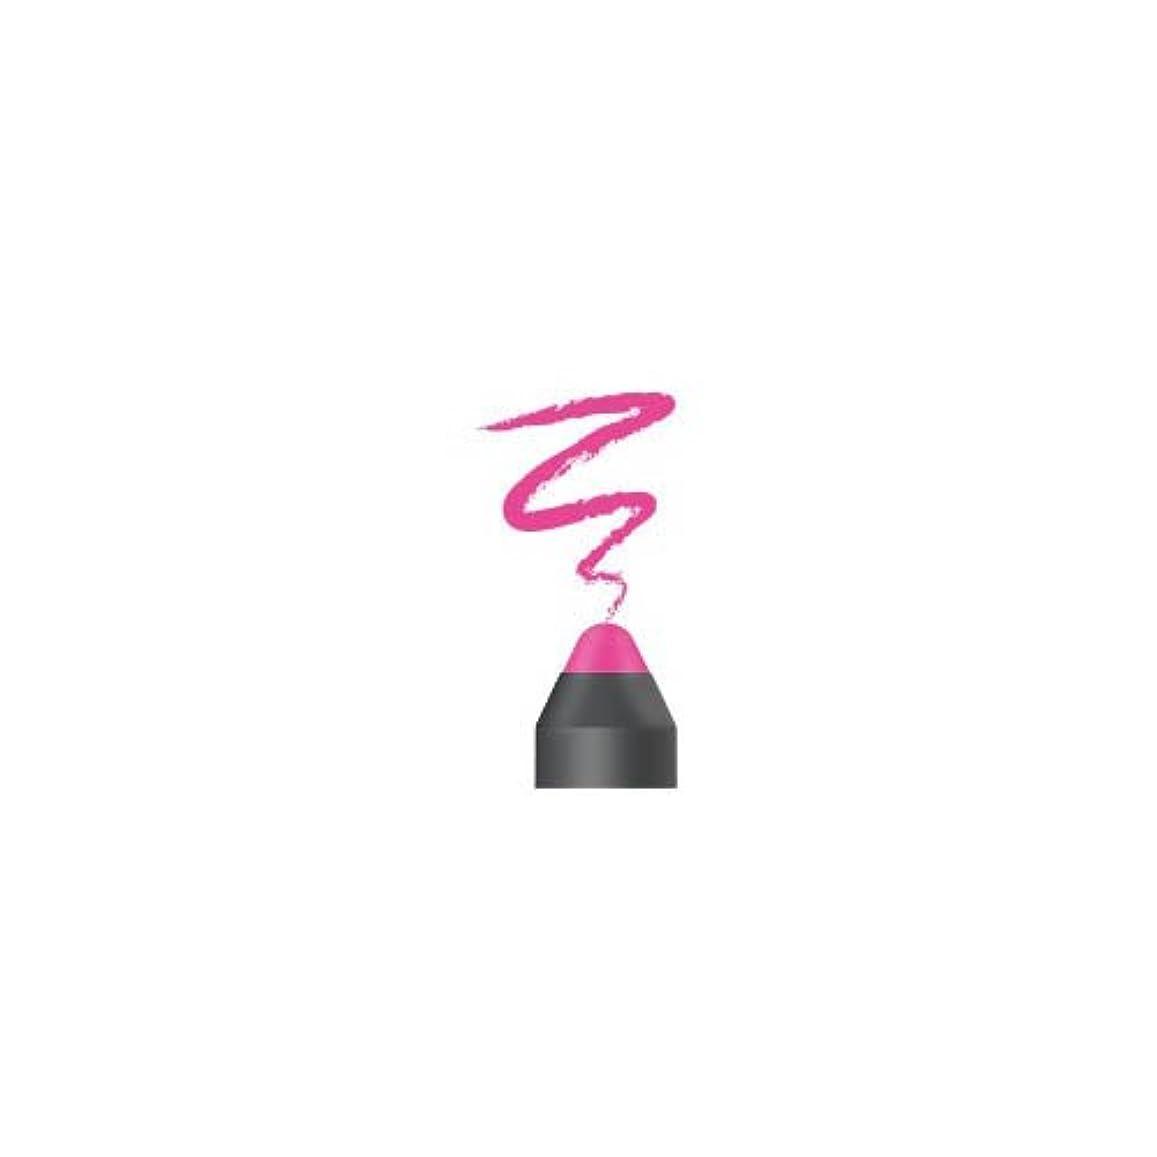 週間少年純粋なザフェイスショップ [韓国コスメ THE FACE SHOP] メルティング カラー リップ クリーマー 02 Candy Violet [海外直送品][並行輸入品]